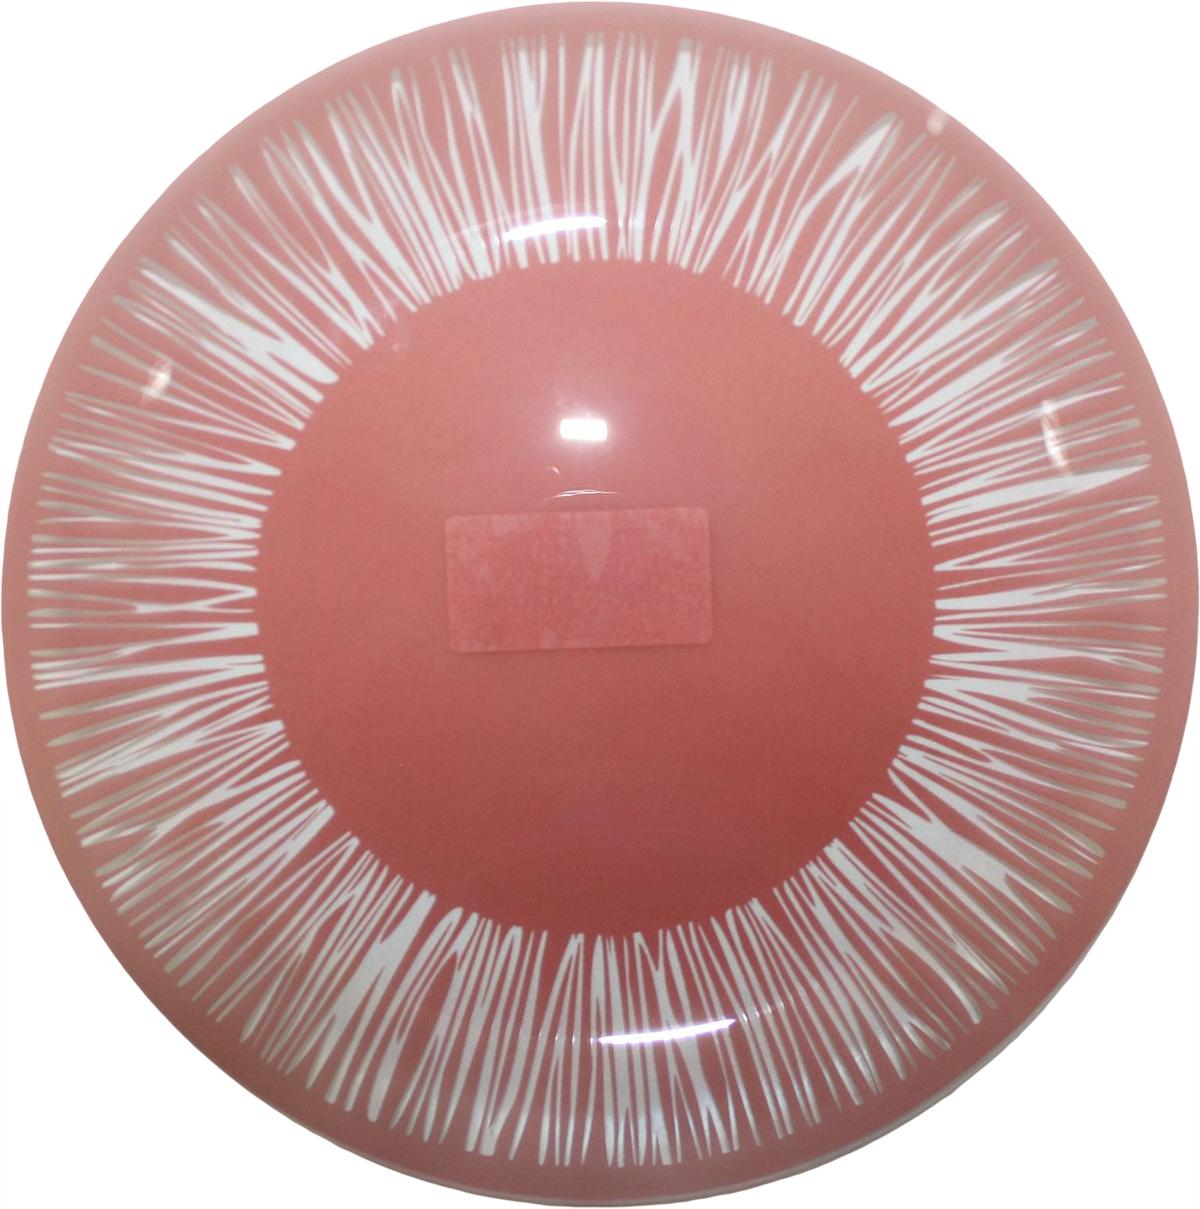 Тарелка NiNaGlass Витас, цвет: красный, диаметр 26 см85-260-016пкТарелка NiNaGlass Витас изготовлена из высококачественного стекла. Изделие декорировано оригинальным дизайном. Такая тарелка отлично подойдет в качестве блюда, она идеальна для сервировки закусок, нарезок, горячих блюд. Тарелка прекрасно дополнит сервировку стола и порадует вас оригинальным дизайном.